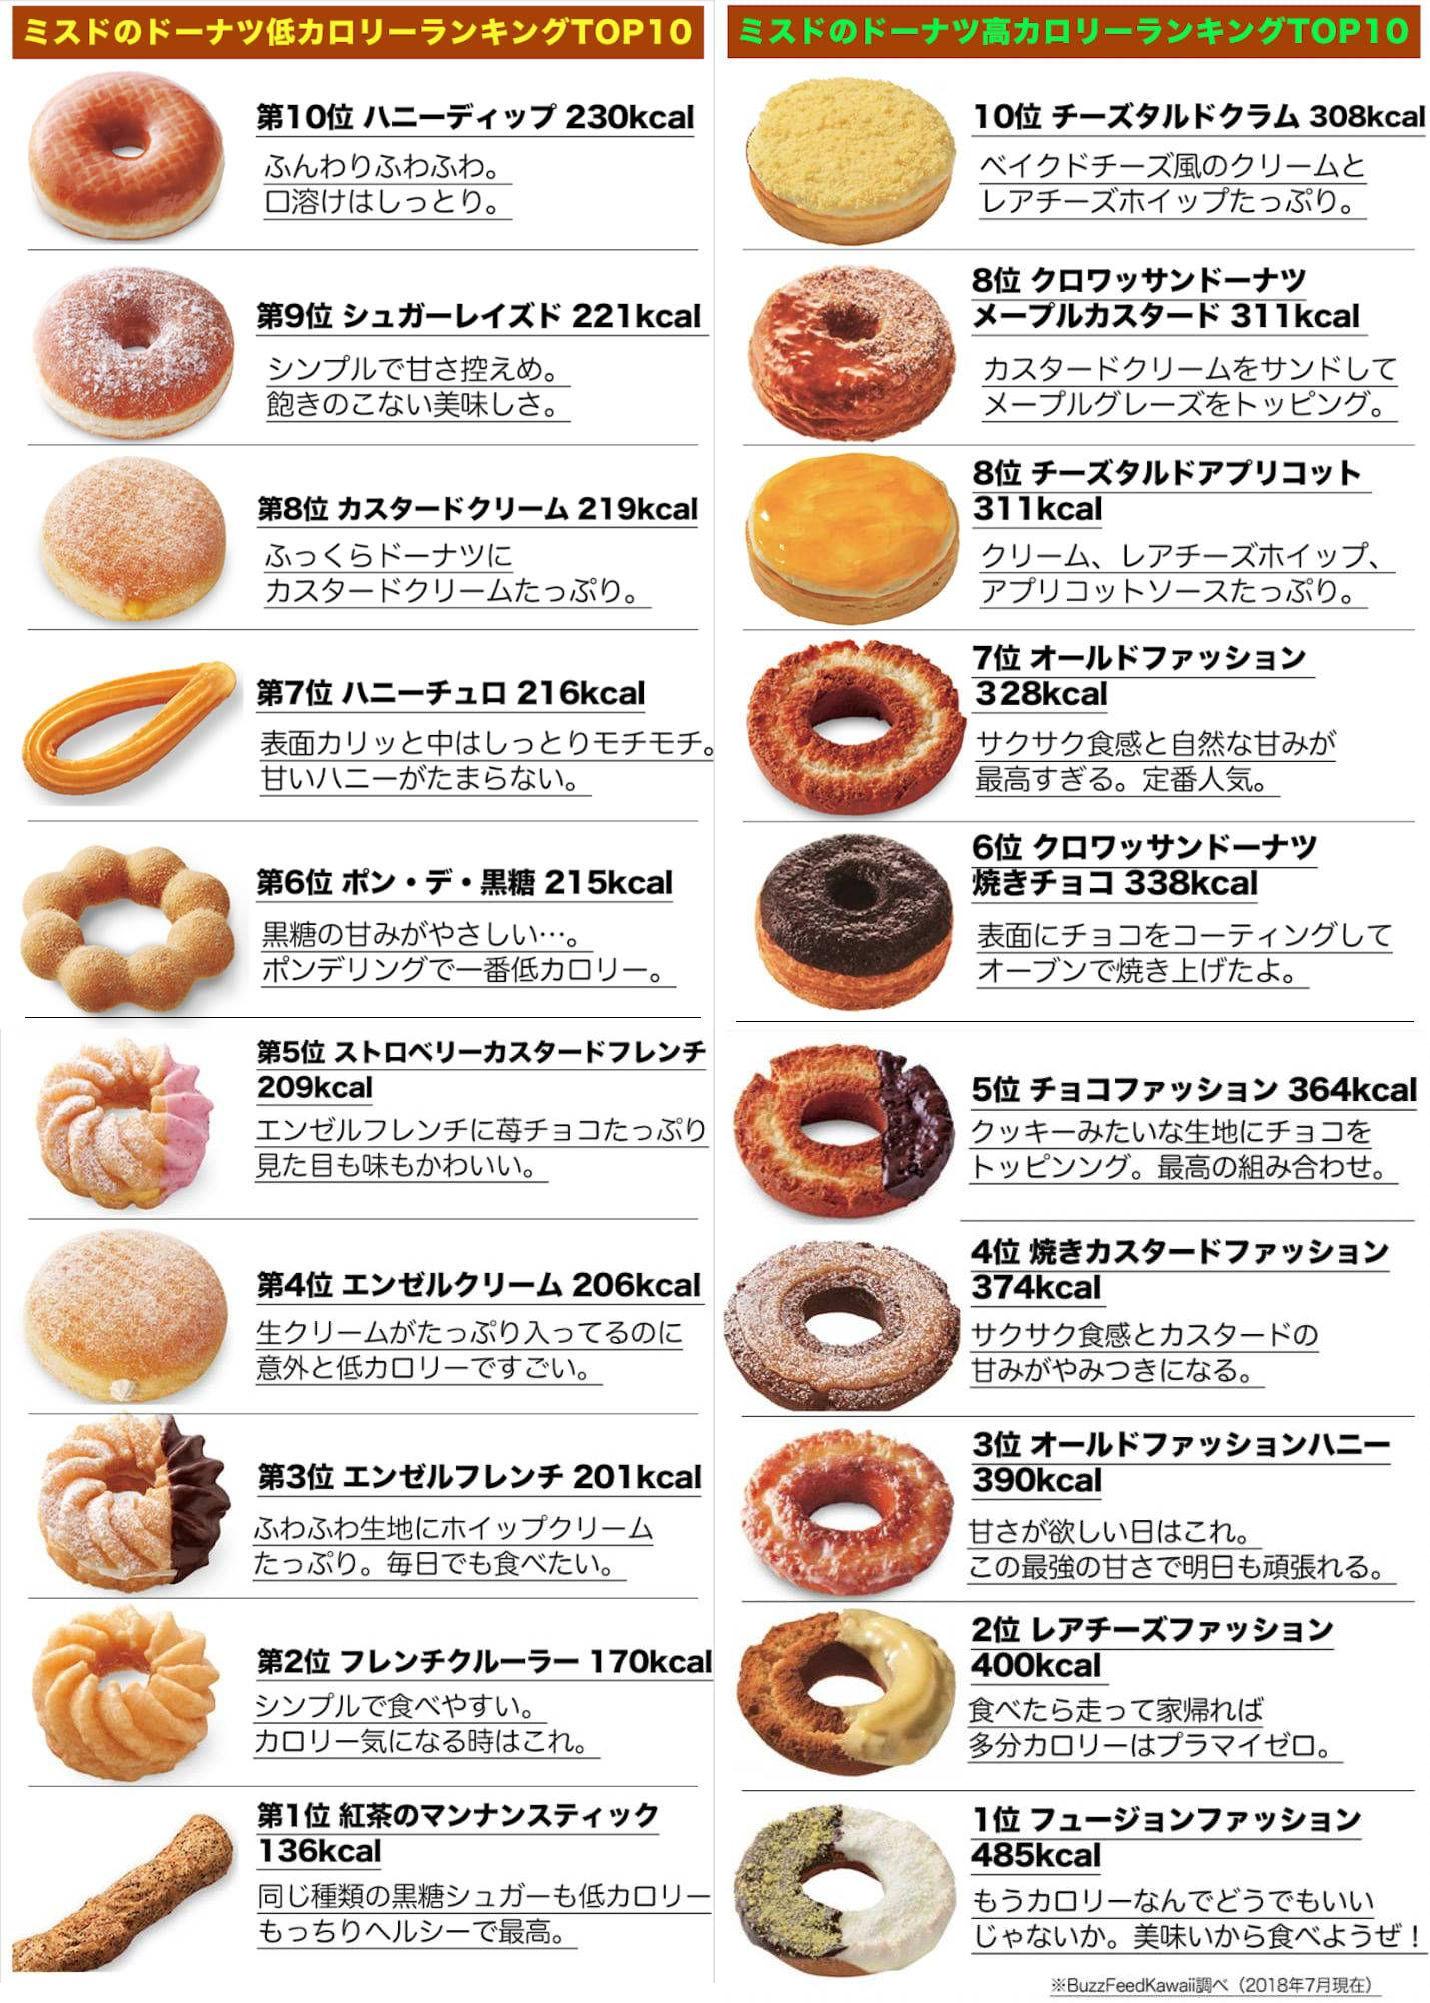 【画像】おいしいドーナツのカロリー表がこちら🍩🍩🍩